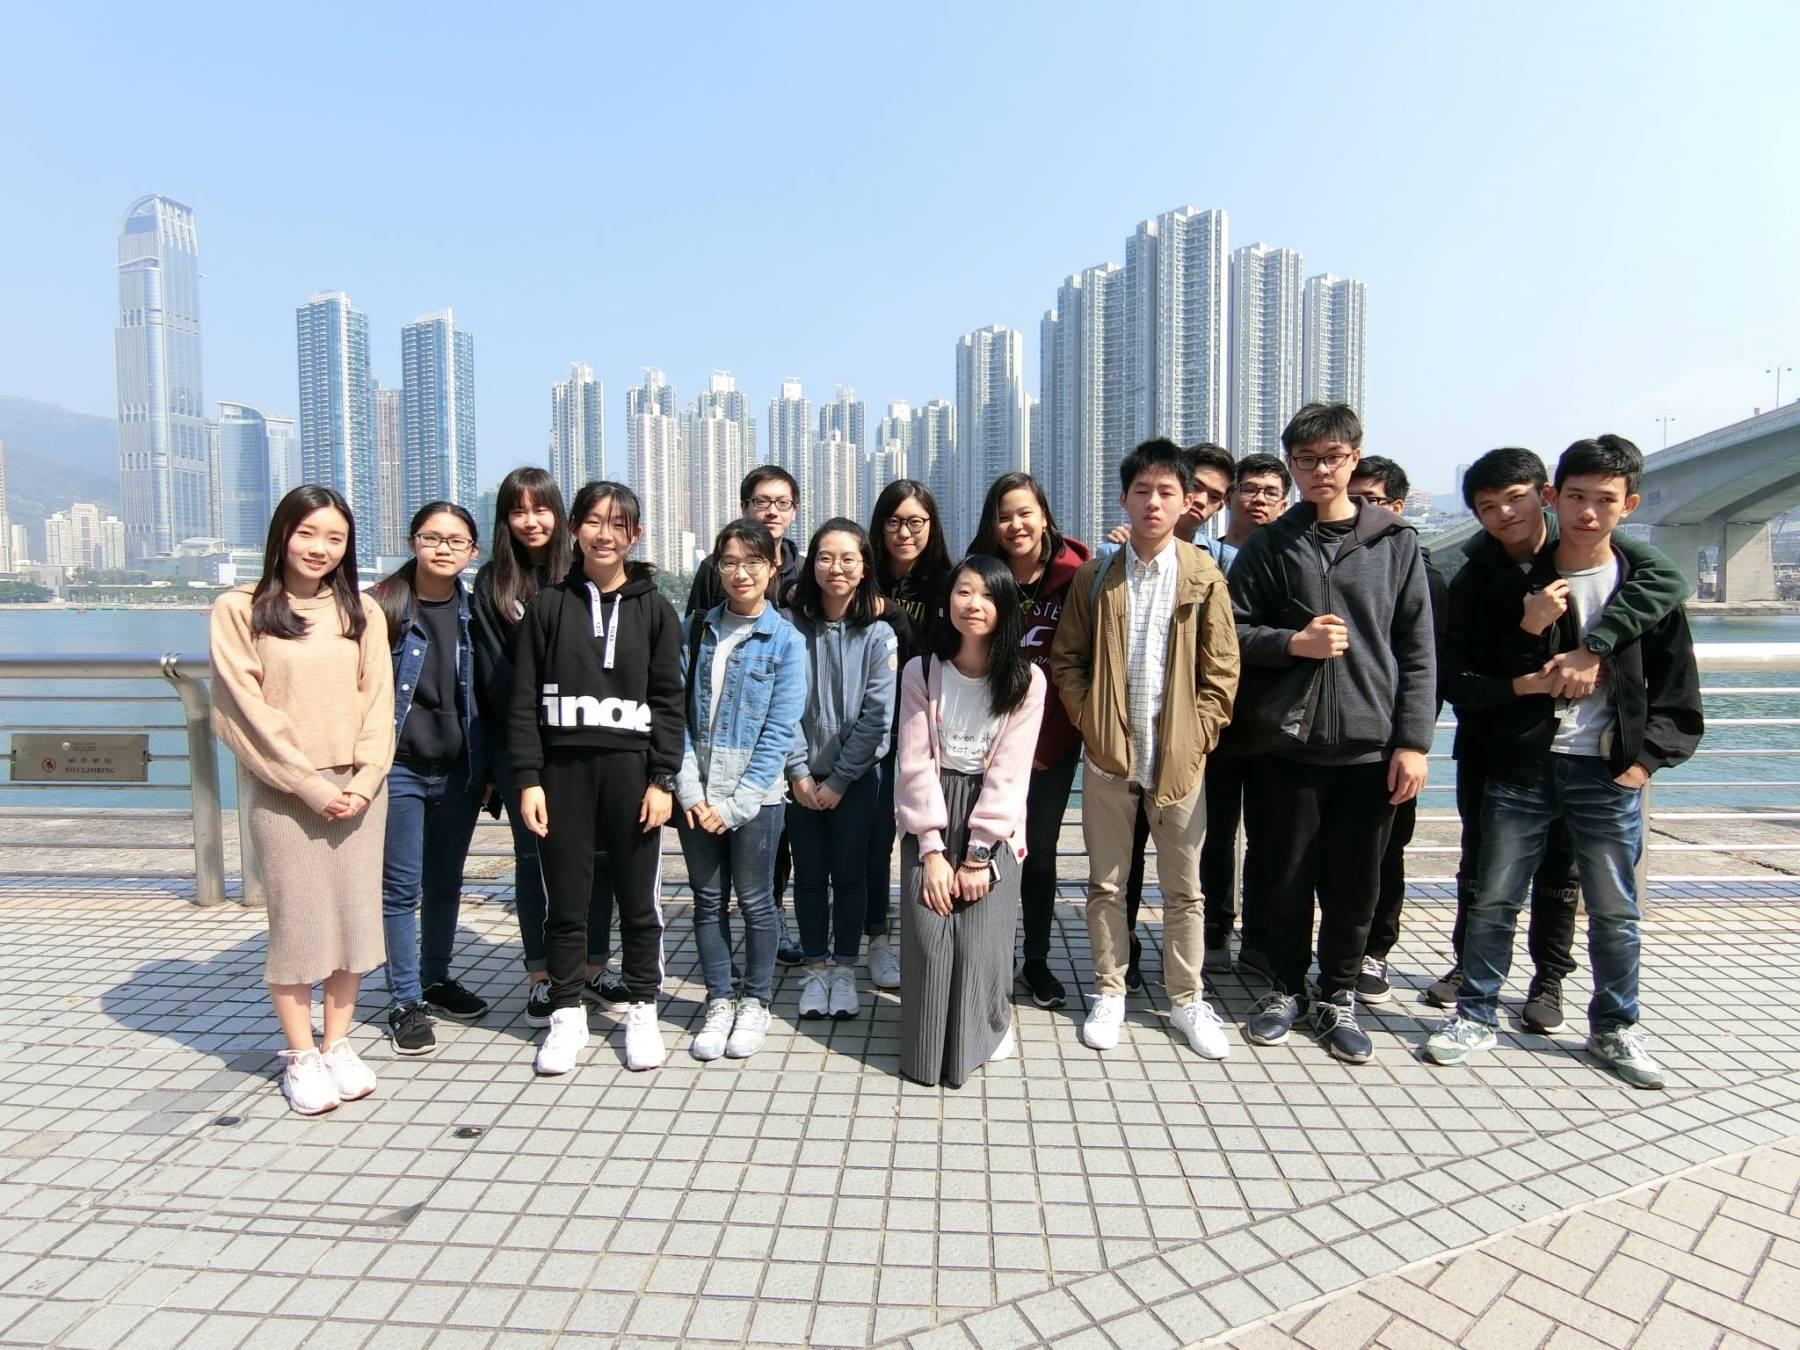 http://npc.edu.hk/sites/default/files/52925263_644658285999594_1025112894309662720_n.jpg